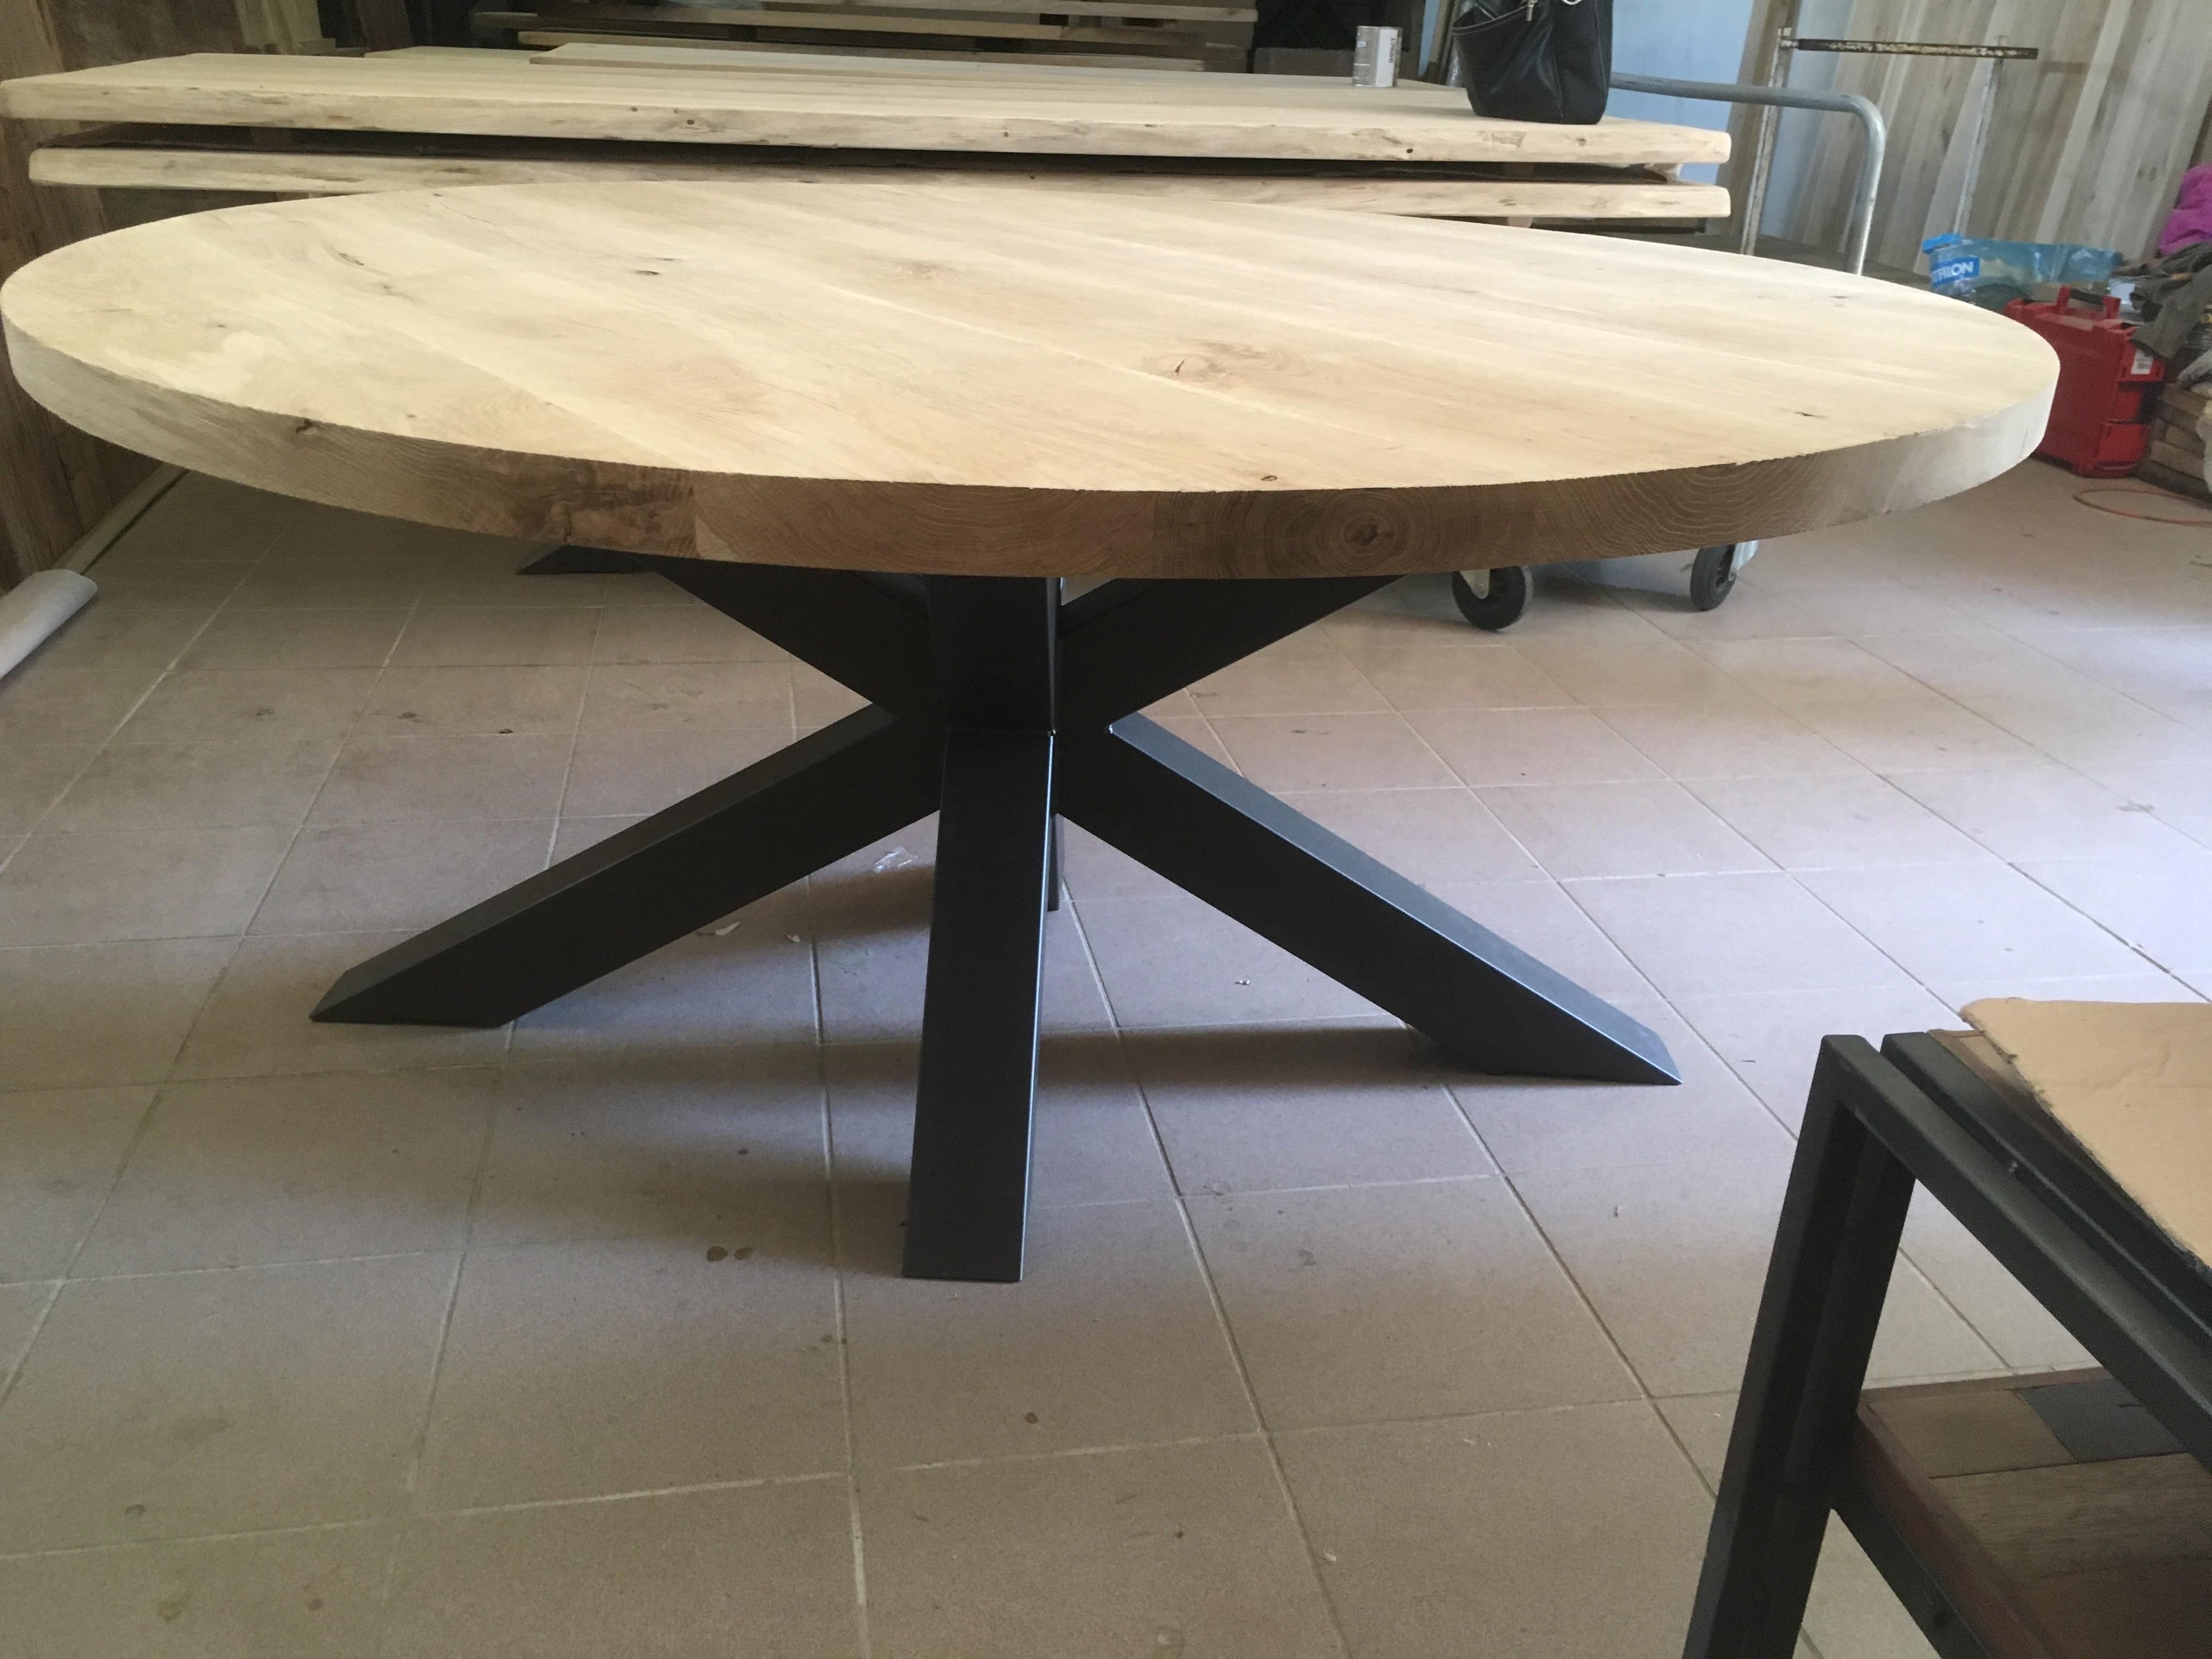 table ronde pied central design scandinave cr ation. Black Bedroom Furniture Sets. Home Design Ideas